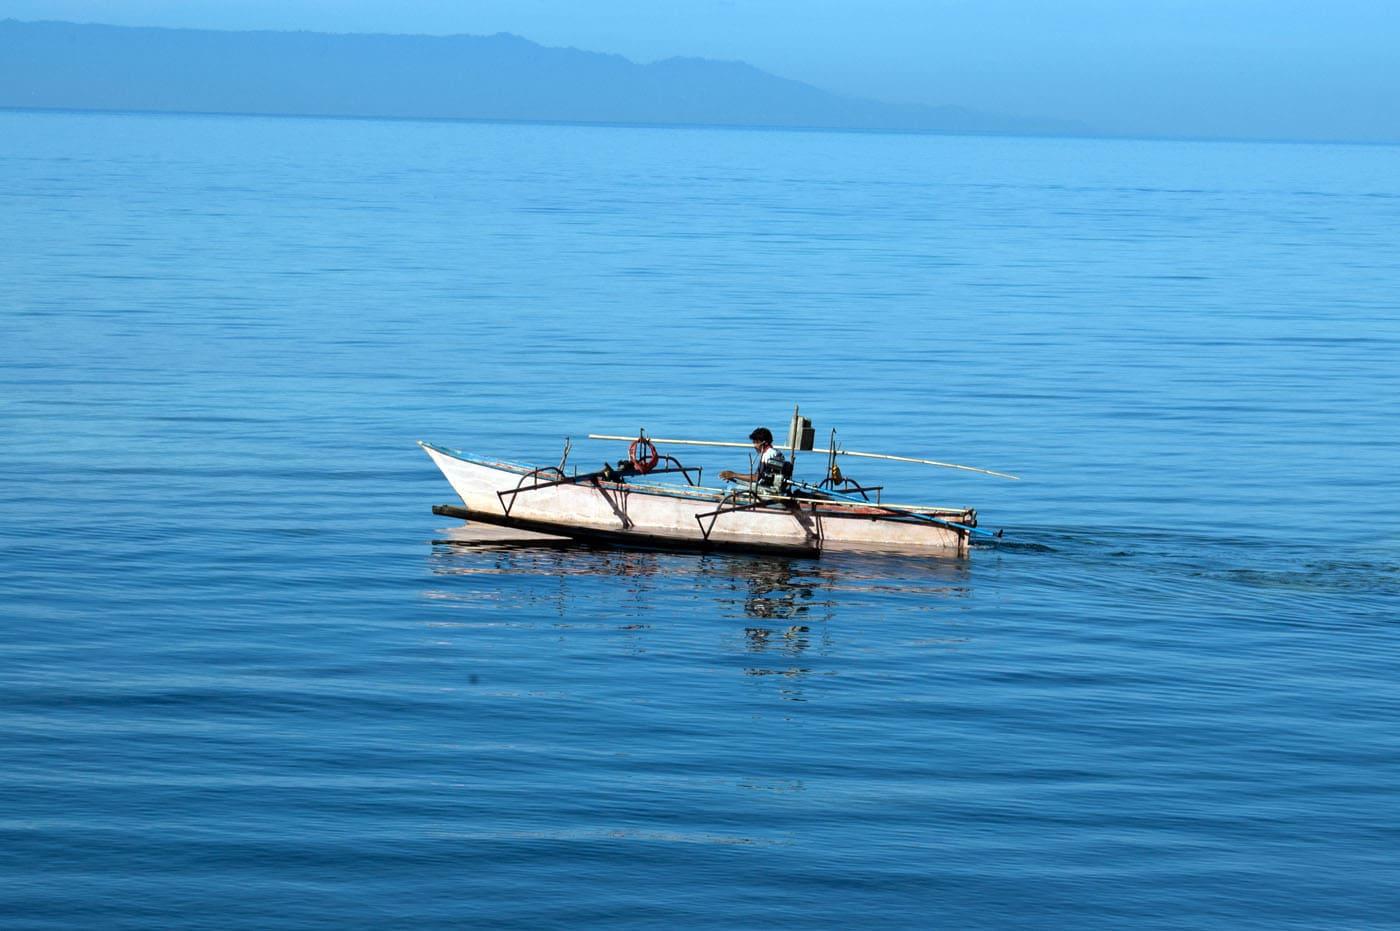 Indonesia Bunaken Fisherman